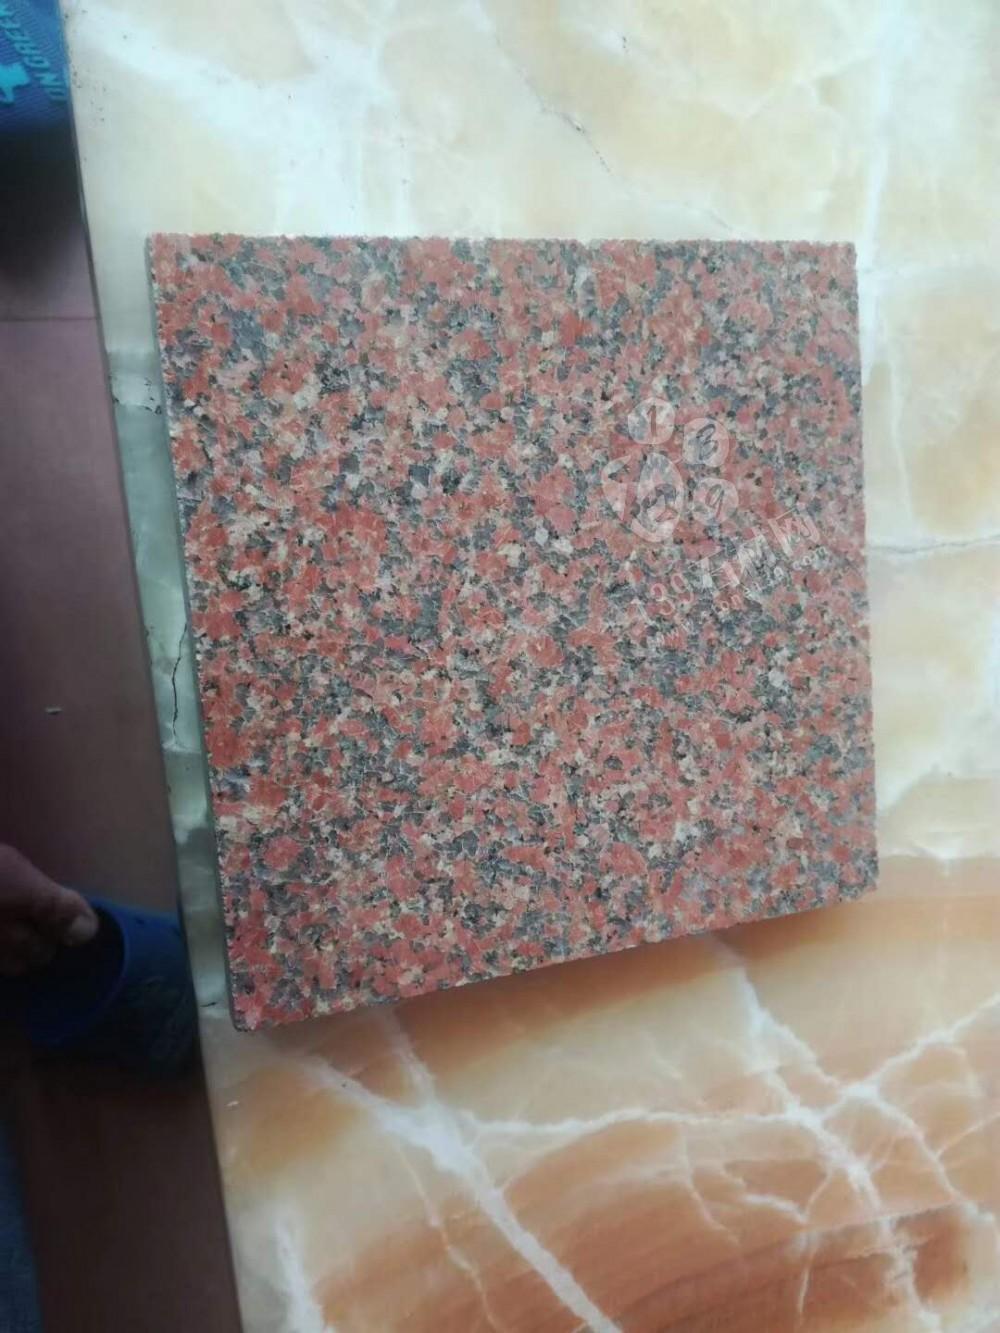 兴鼎红花岗岩 石材新品